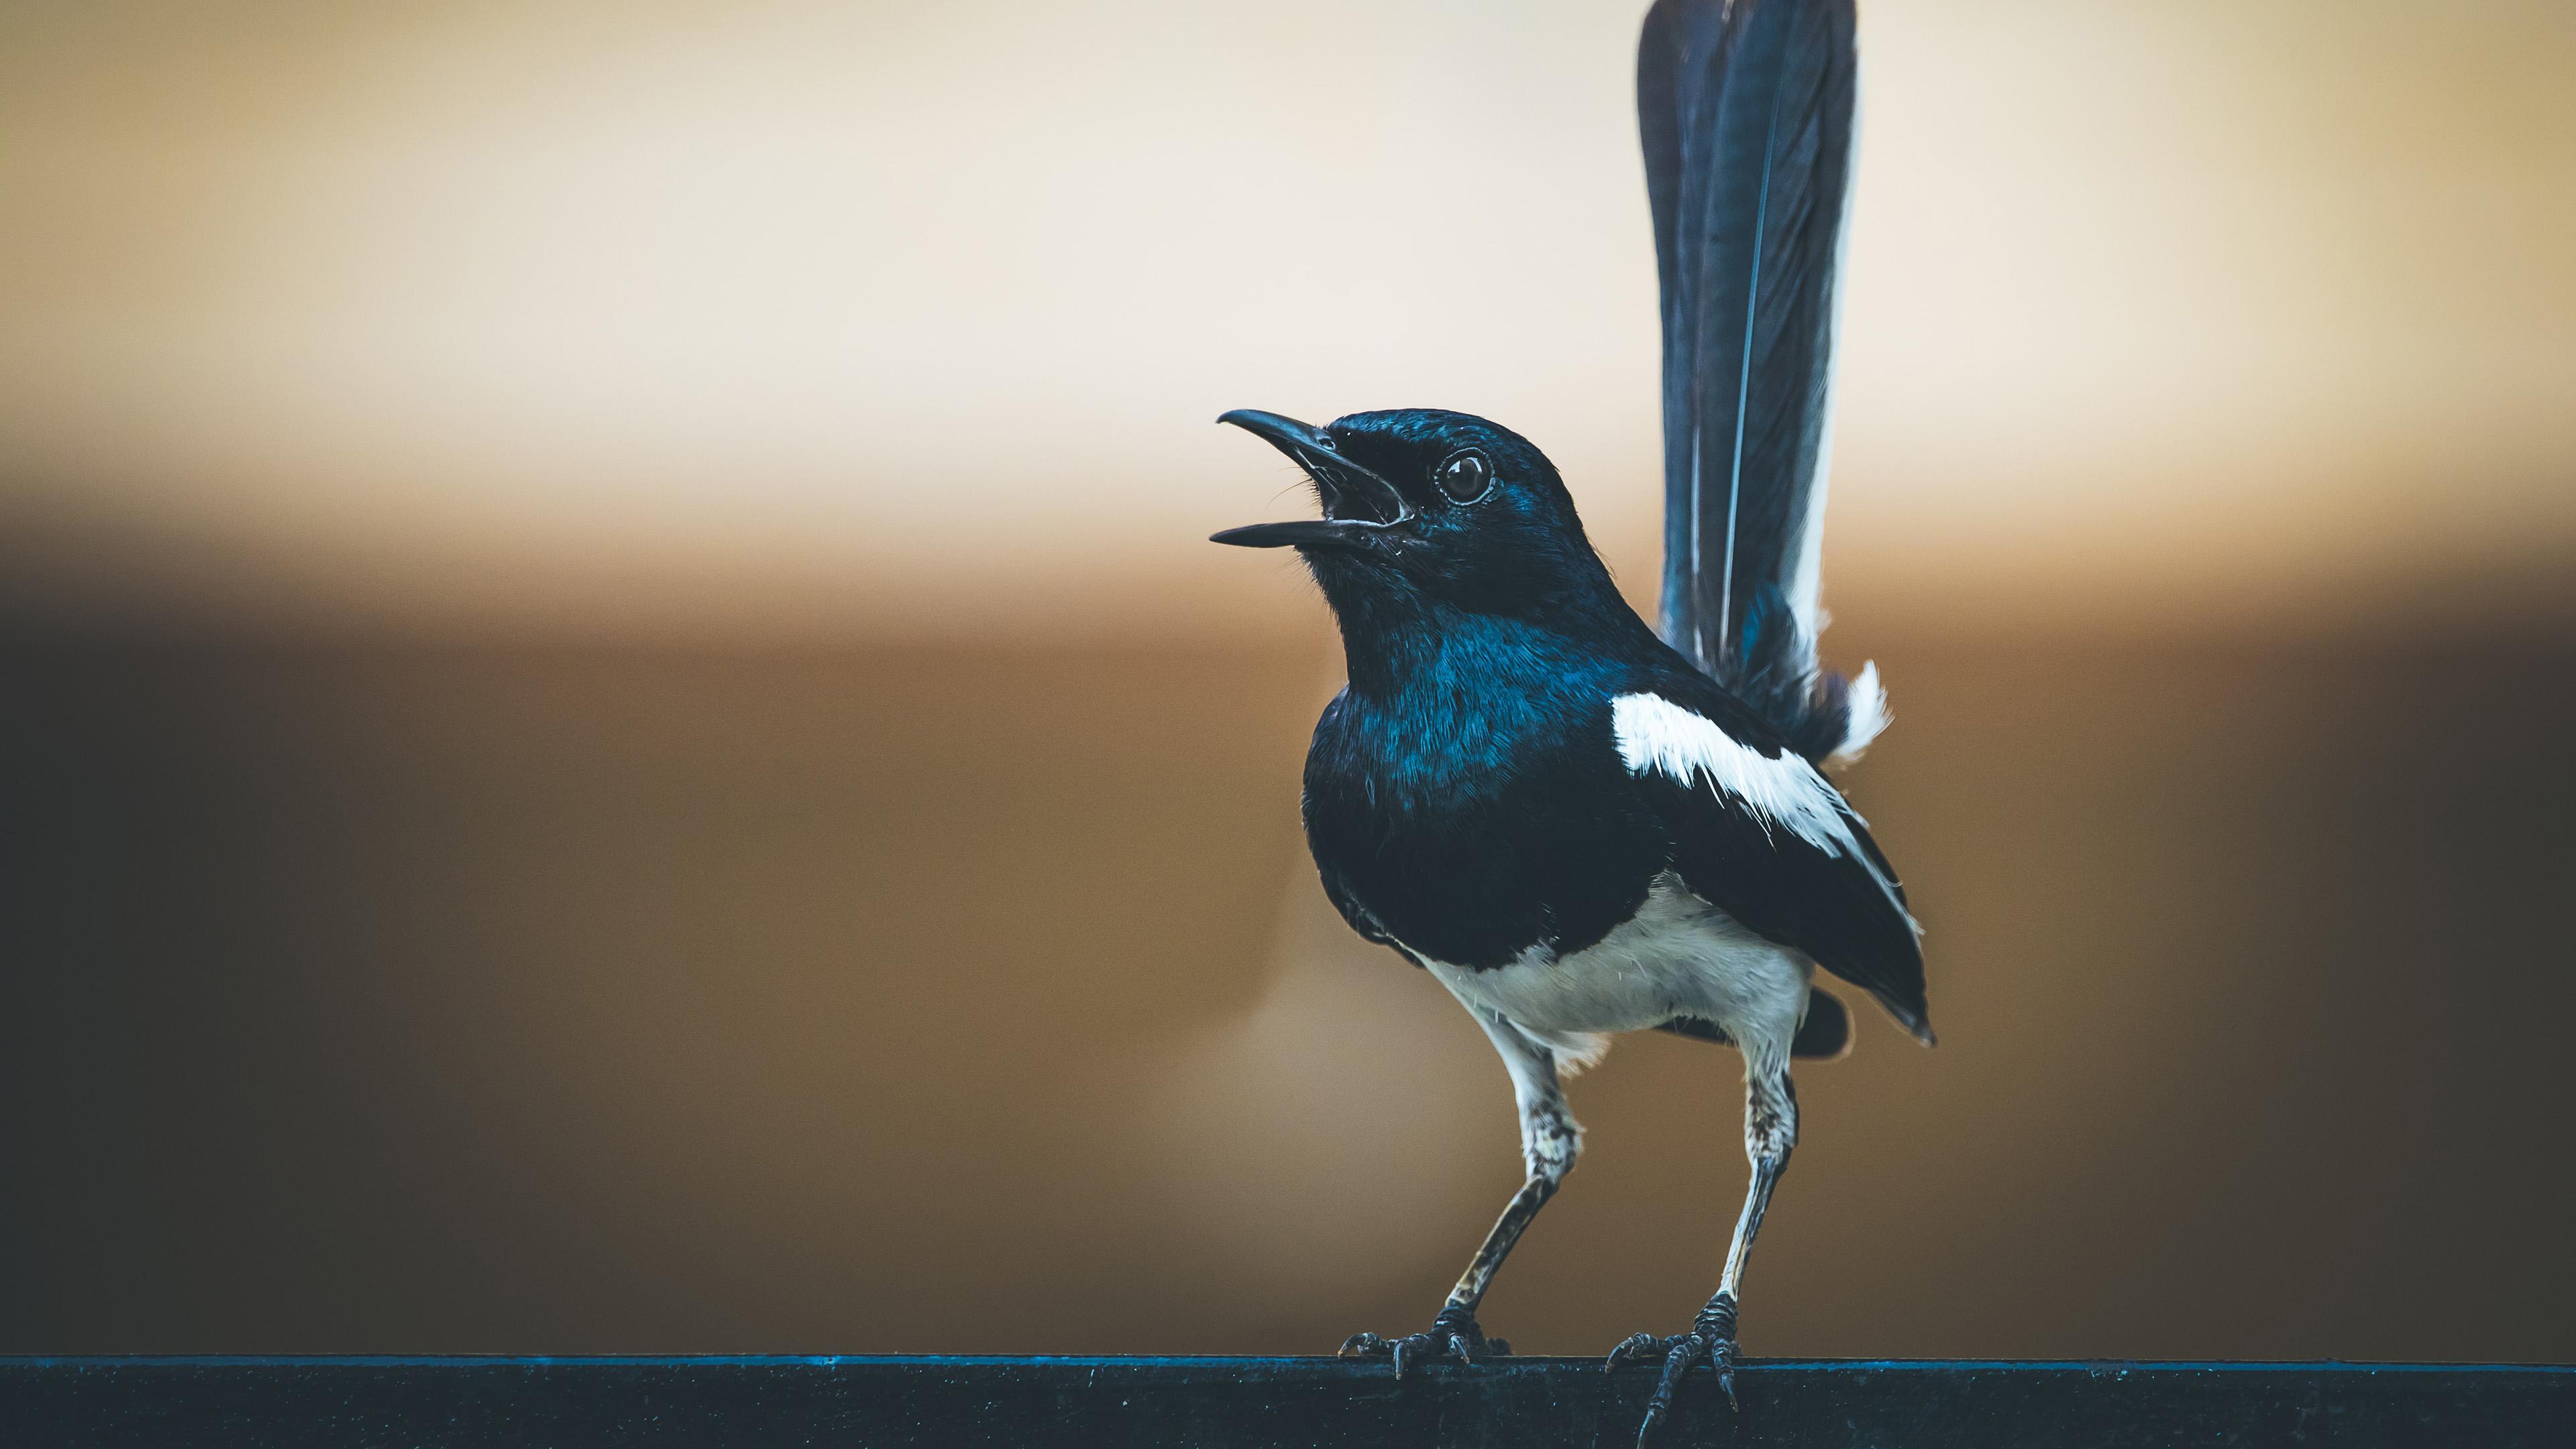 萌宠动物,小鸟天地,蛇尾雀,特写